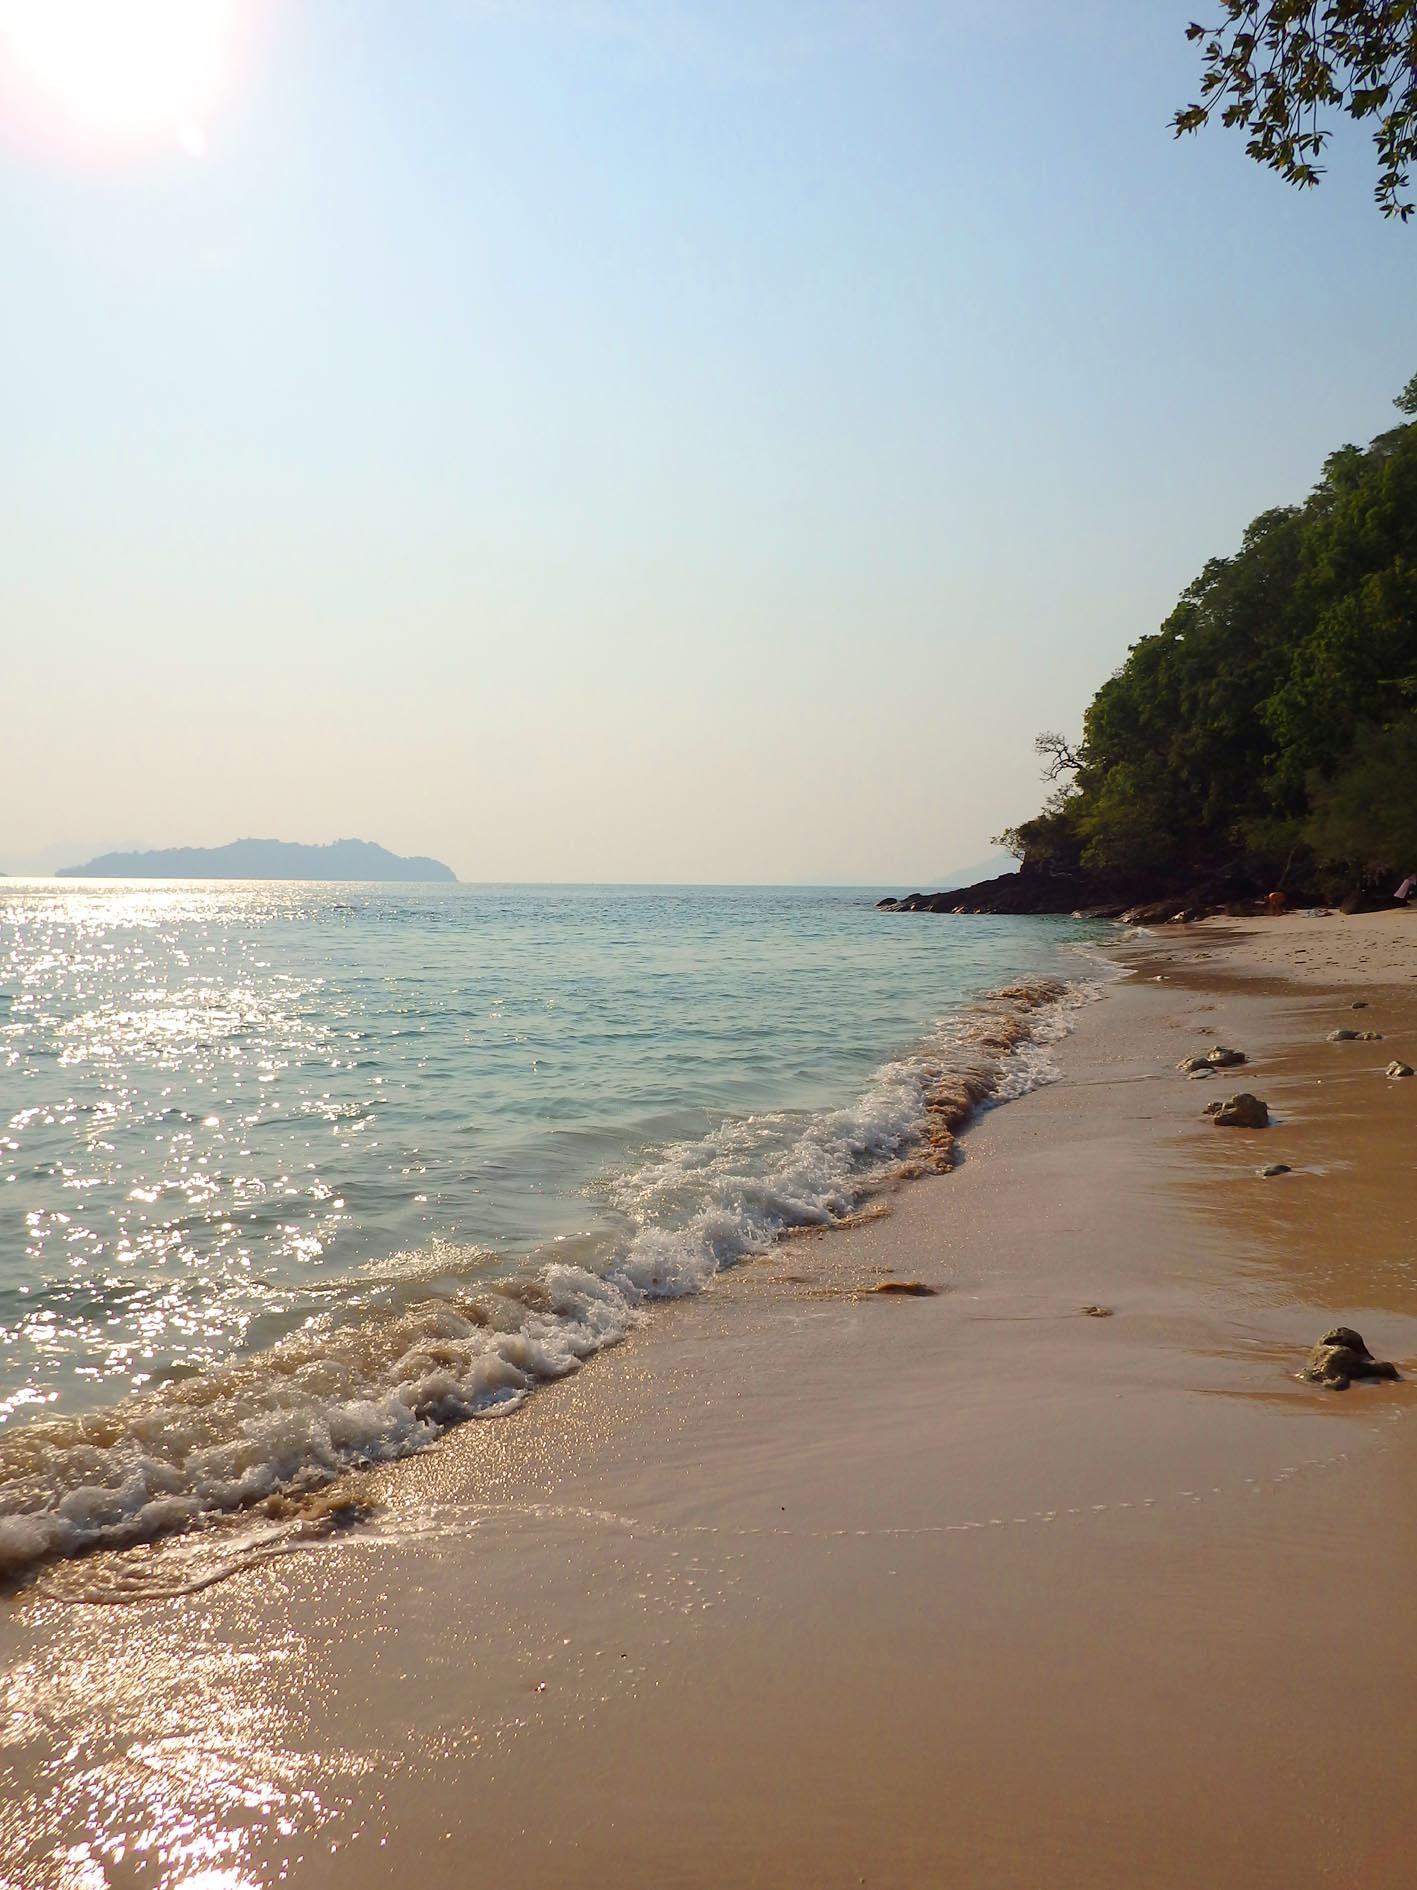 thailands worst beaches